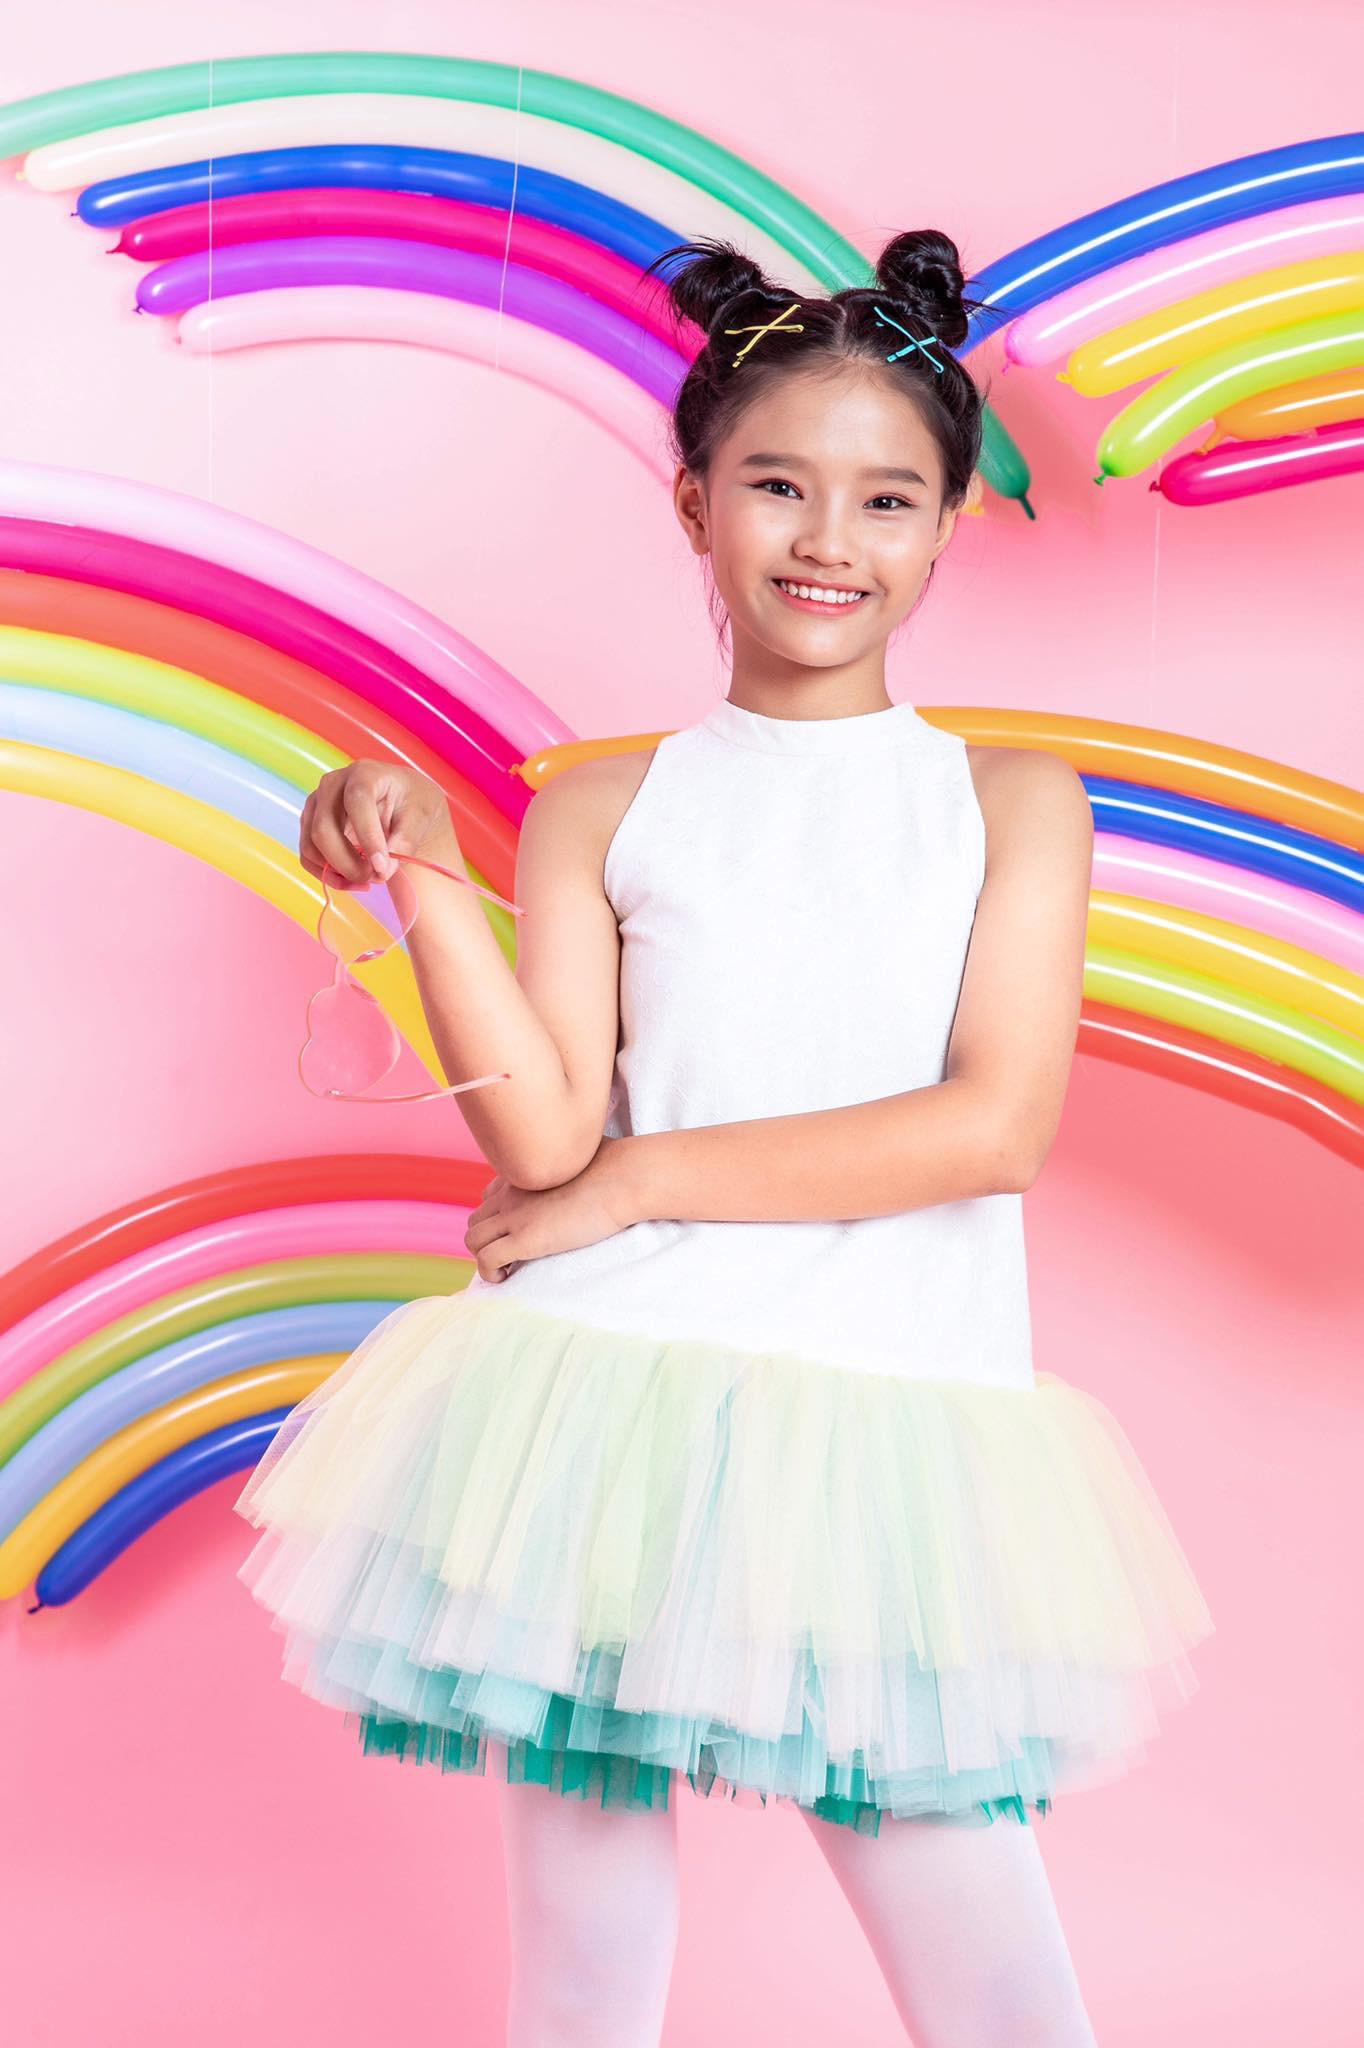 Những em nhỏ tải năng và ước mơ chinh phục nghệ thuật - Ảnh 7.